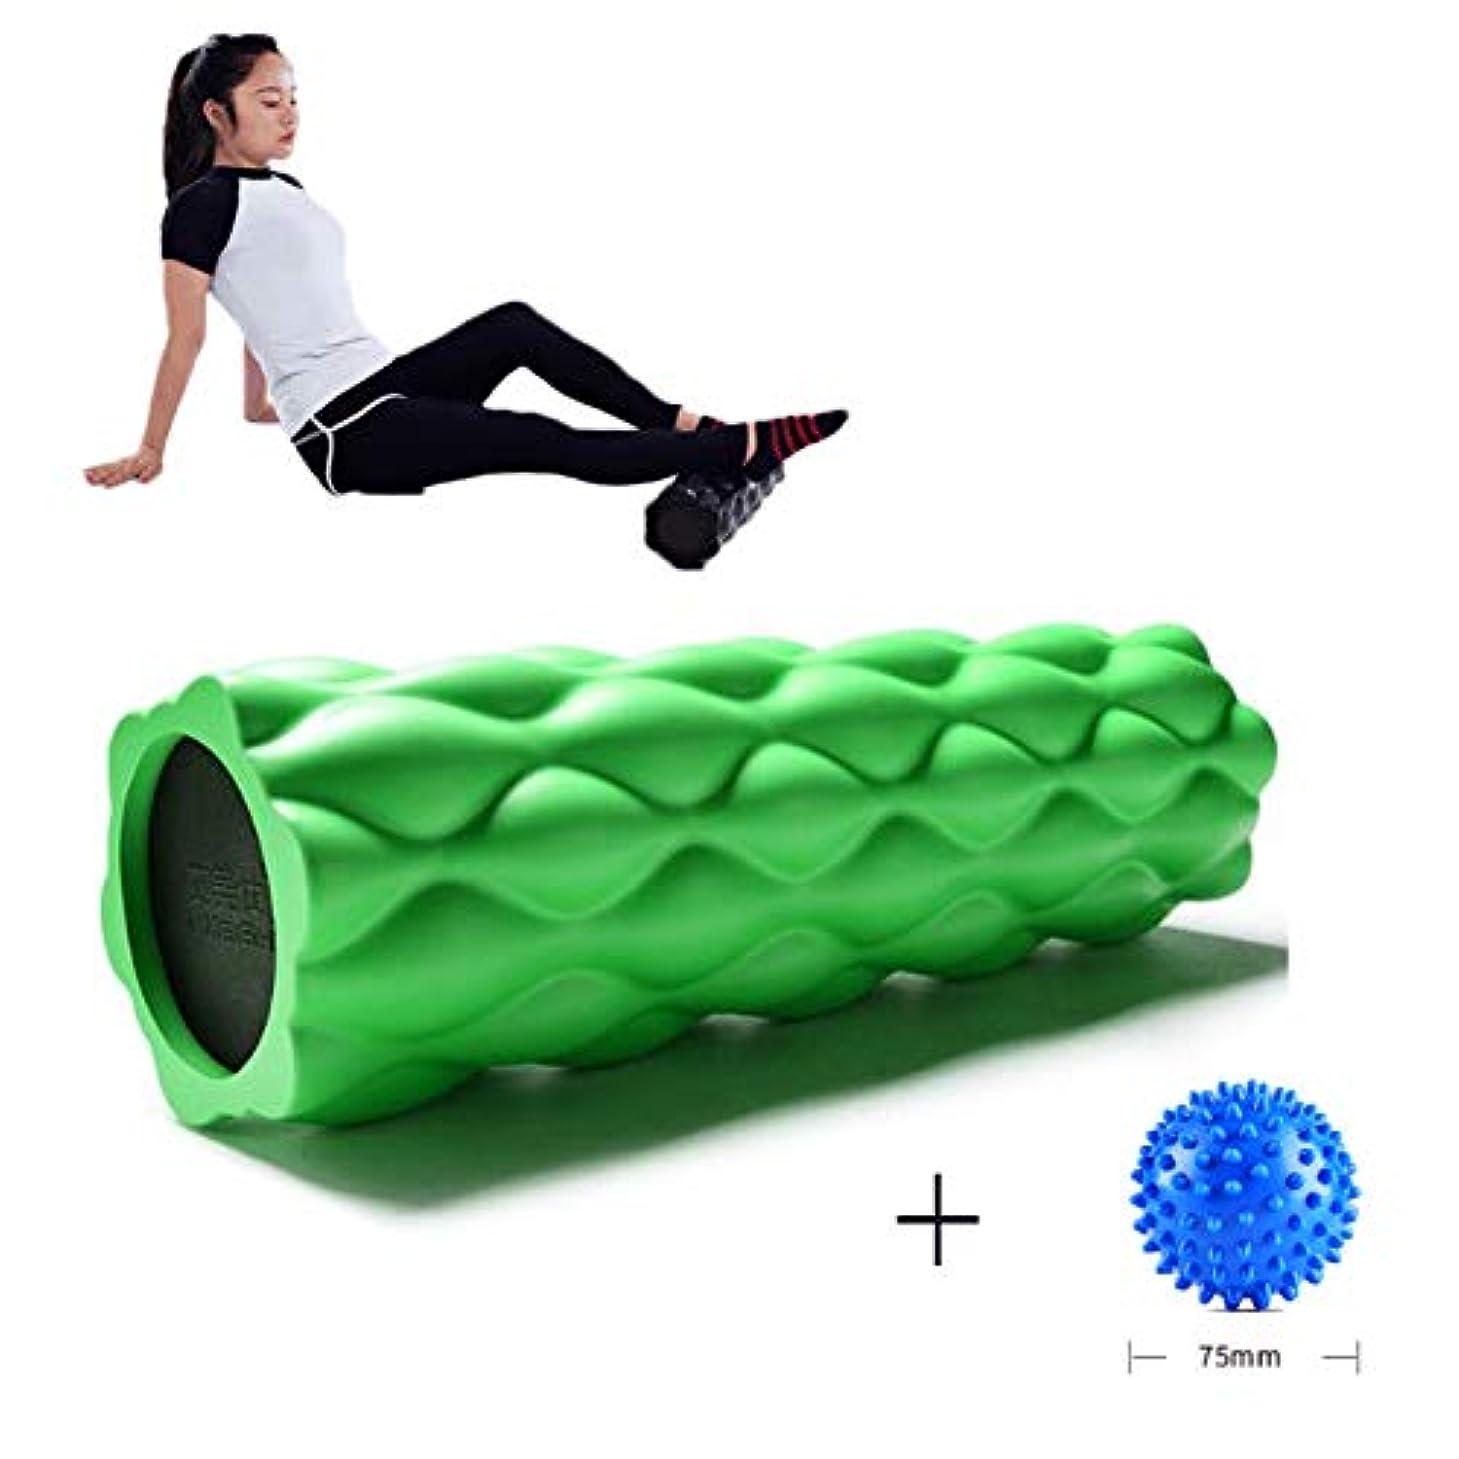 ストライプ漏れ制限されたフォームローラー 深部組織筋肉マッサージトリガーポイント解放(44.5 x 13.5 cm)のための高密度耐圧脊髄チャンネル,Green